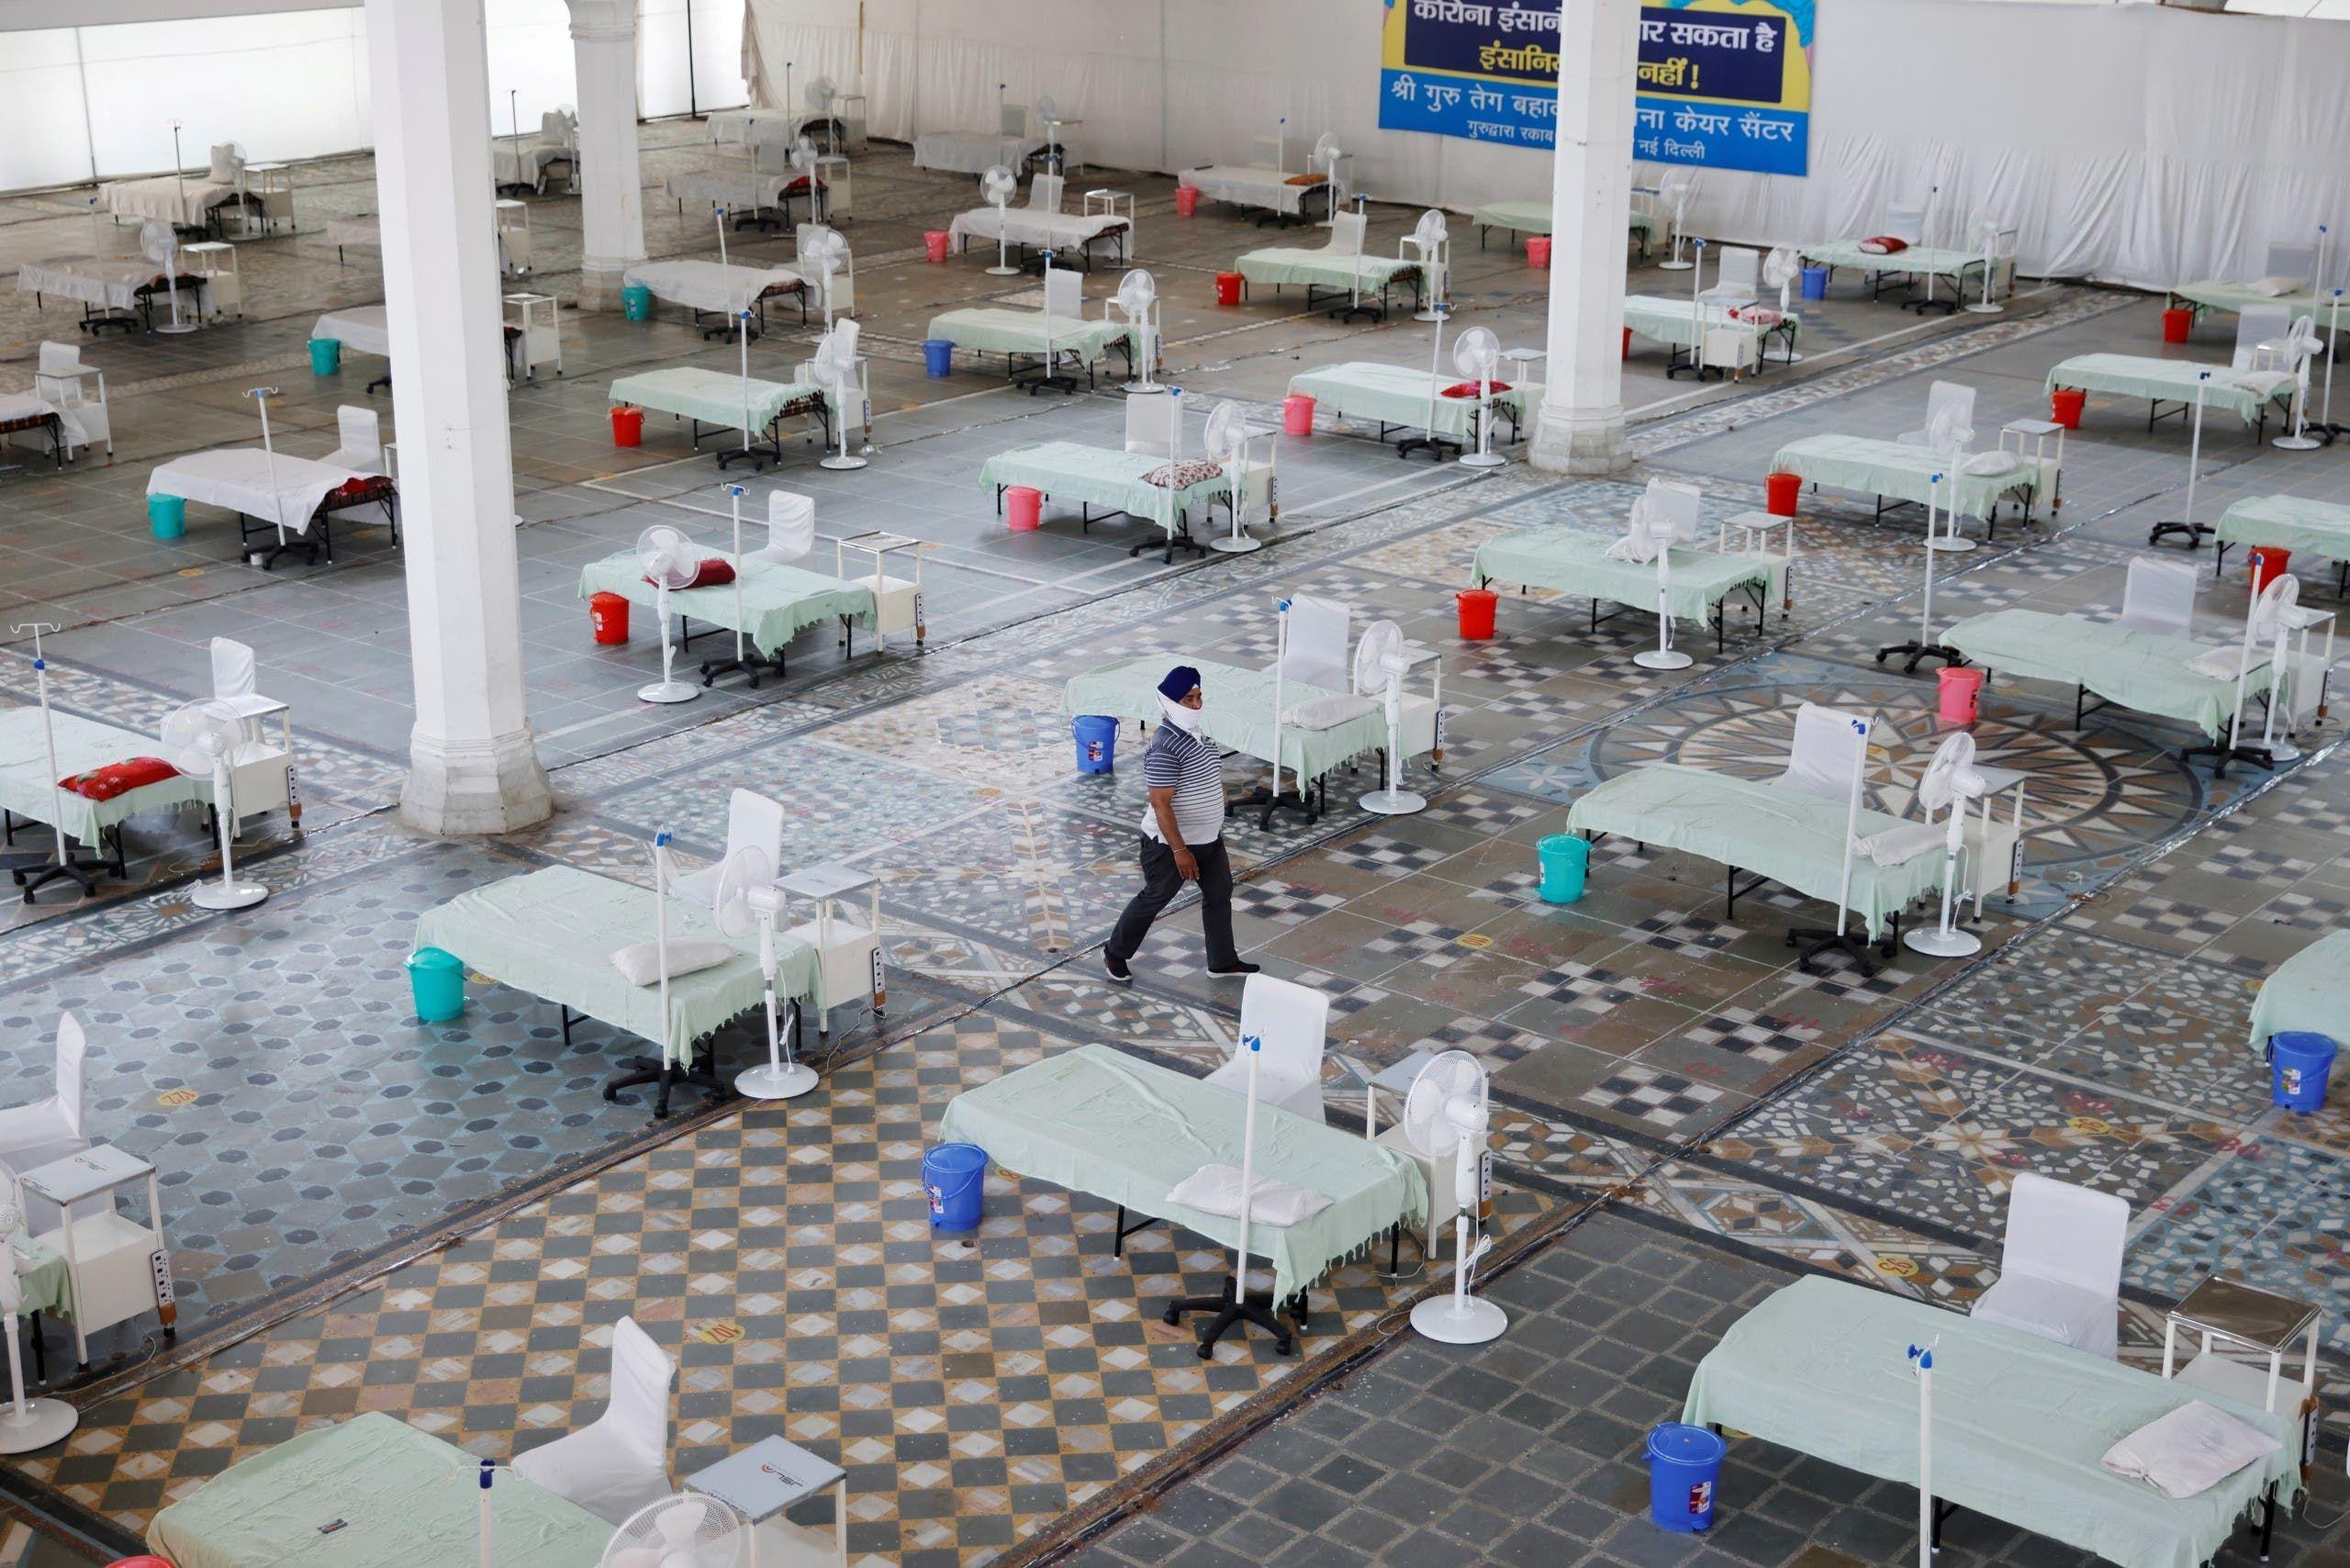 تحويل معبد للسيخ في نيودلهي إلى مستشفى ميداني لمرضى كورونا